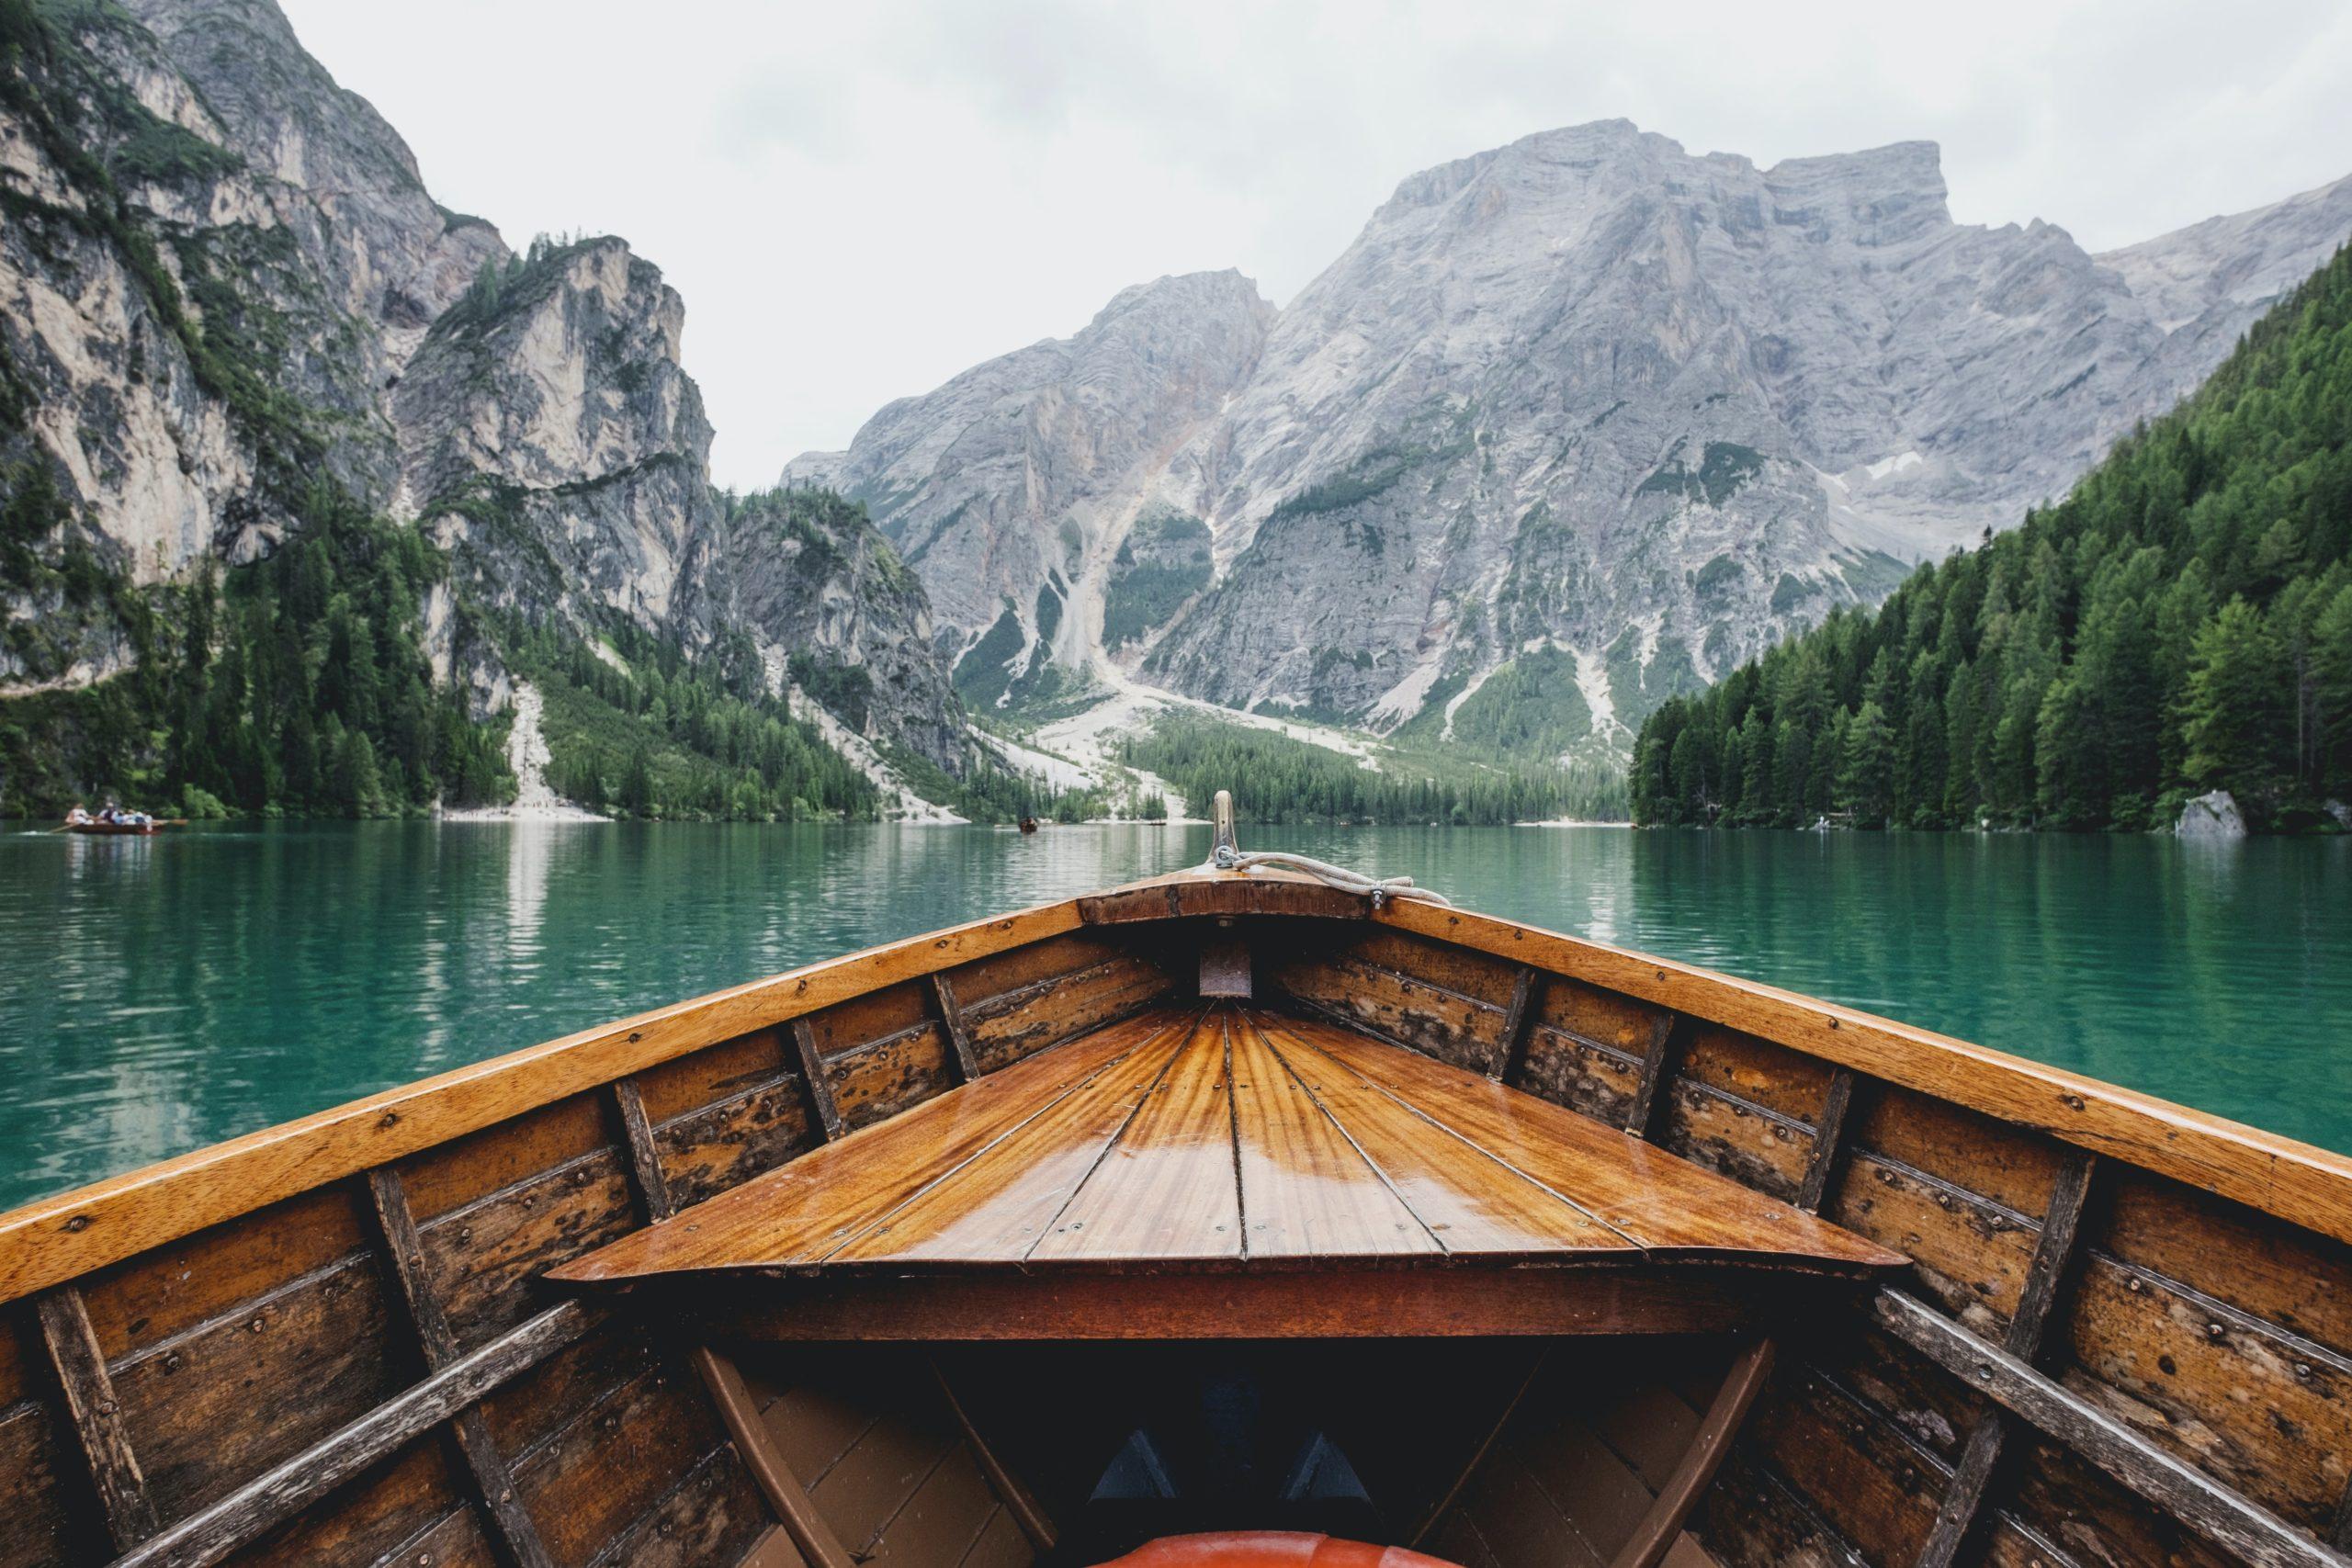 barque-voyages-ecolo-coco-frio